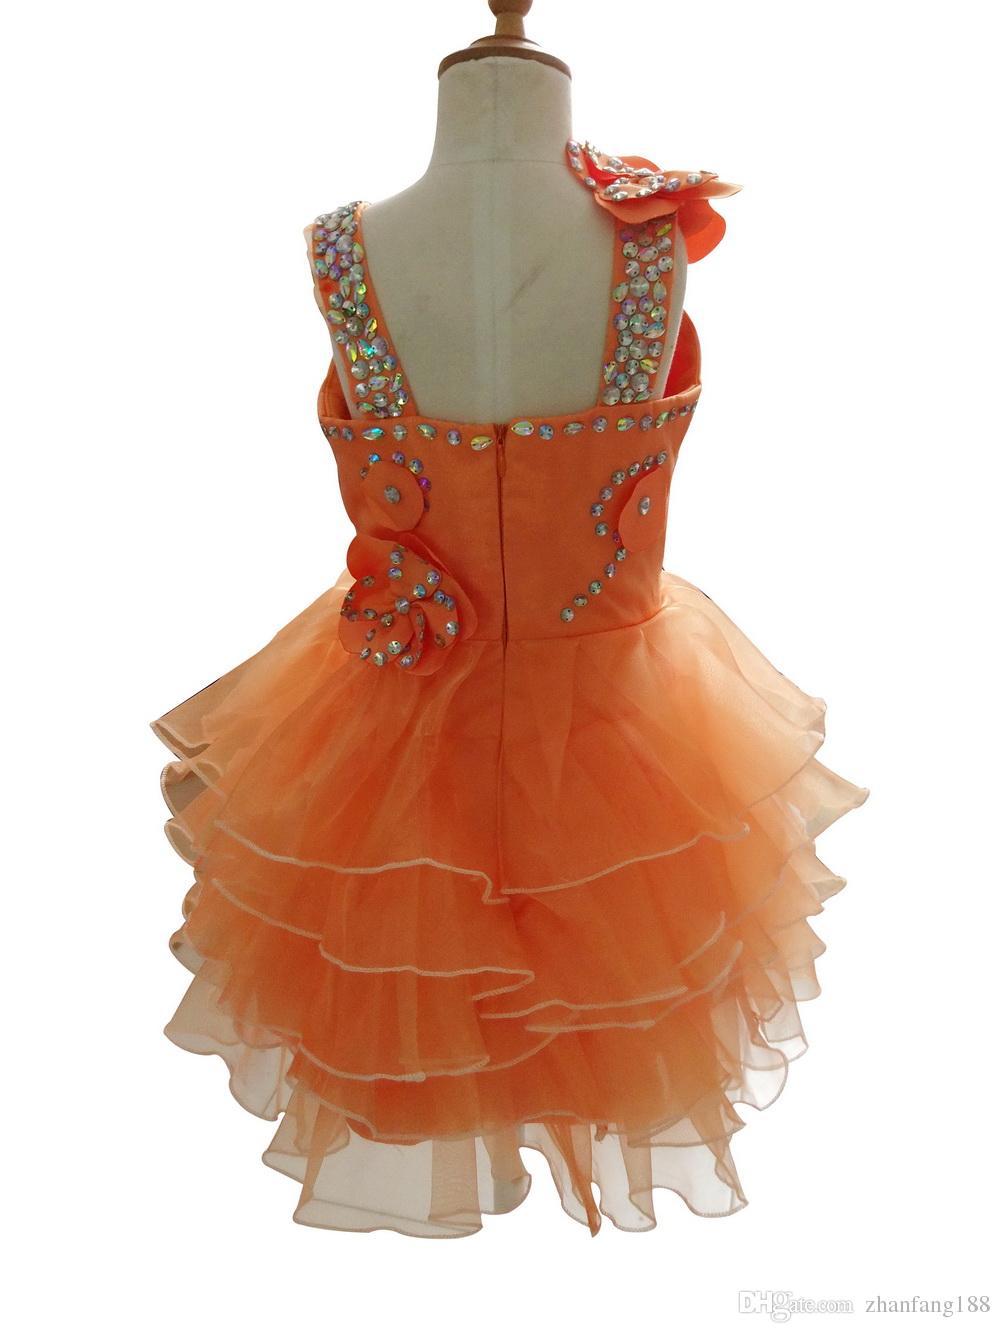 2019 Novo Vestido Da Menina de Flor Crianças / Crianças Pageant Da Menina Noite / Prom / Comunhão Vestido / Vestido para o Aniversário de Casamento Festa de Presente de Noiva